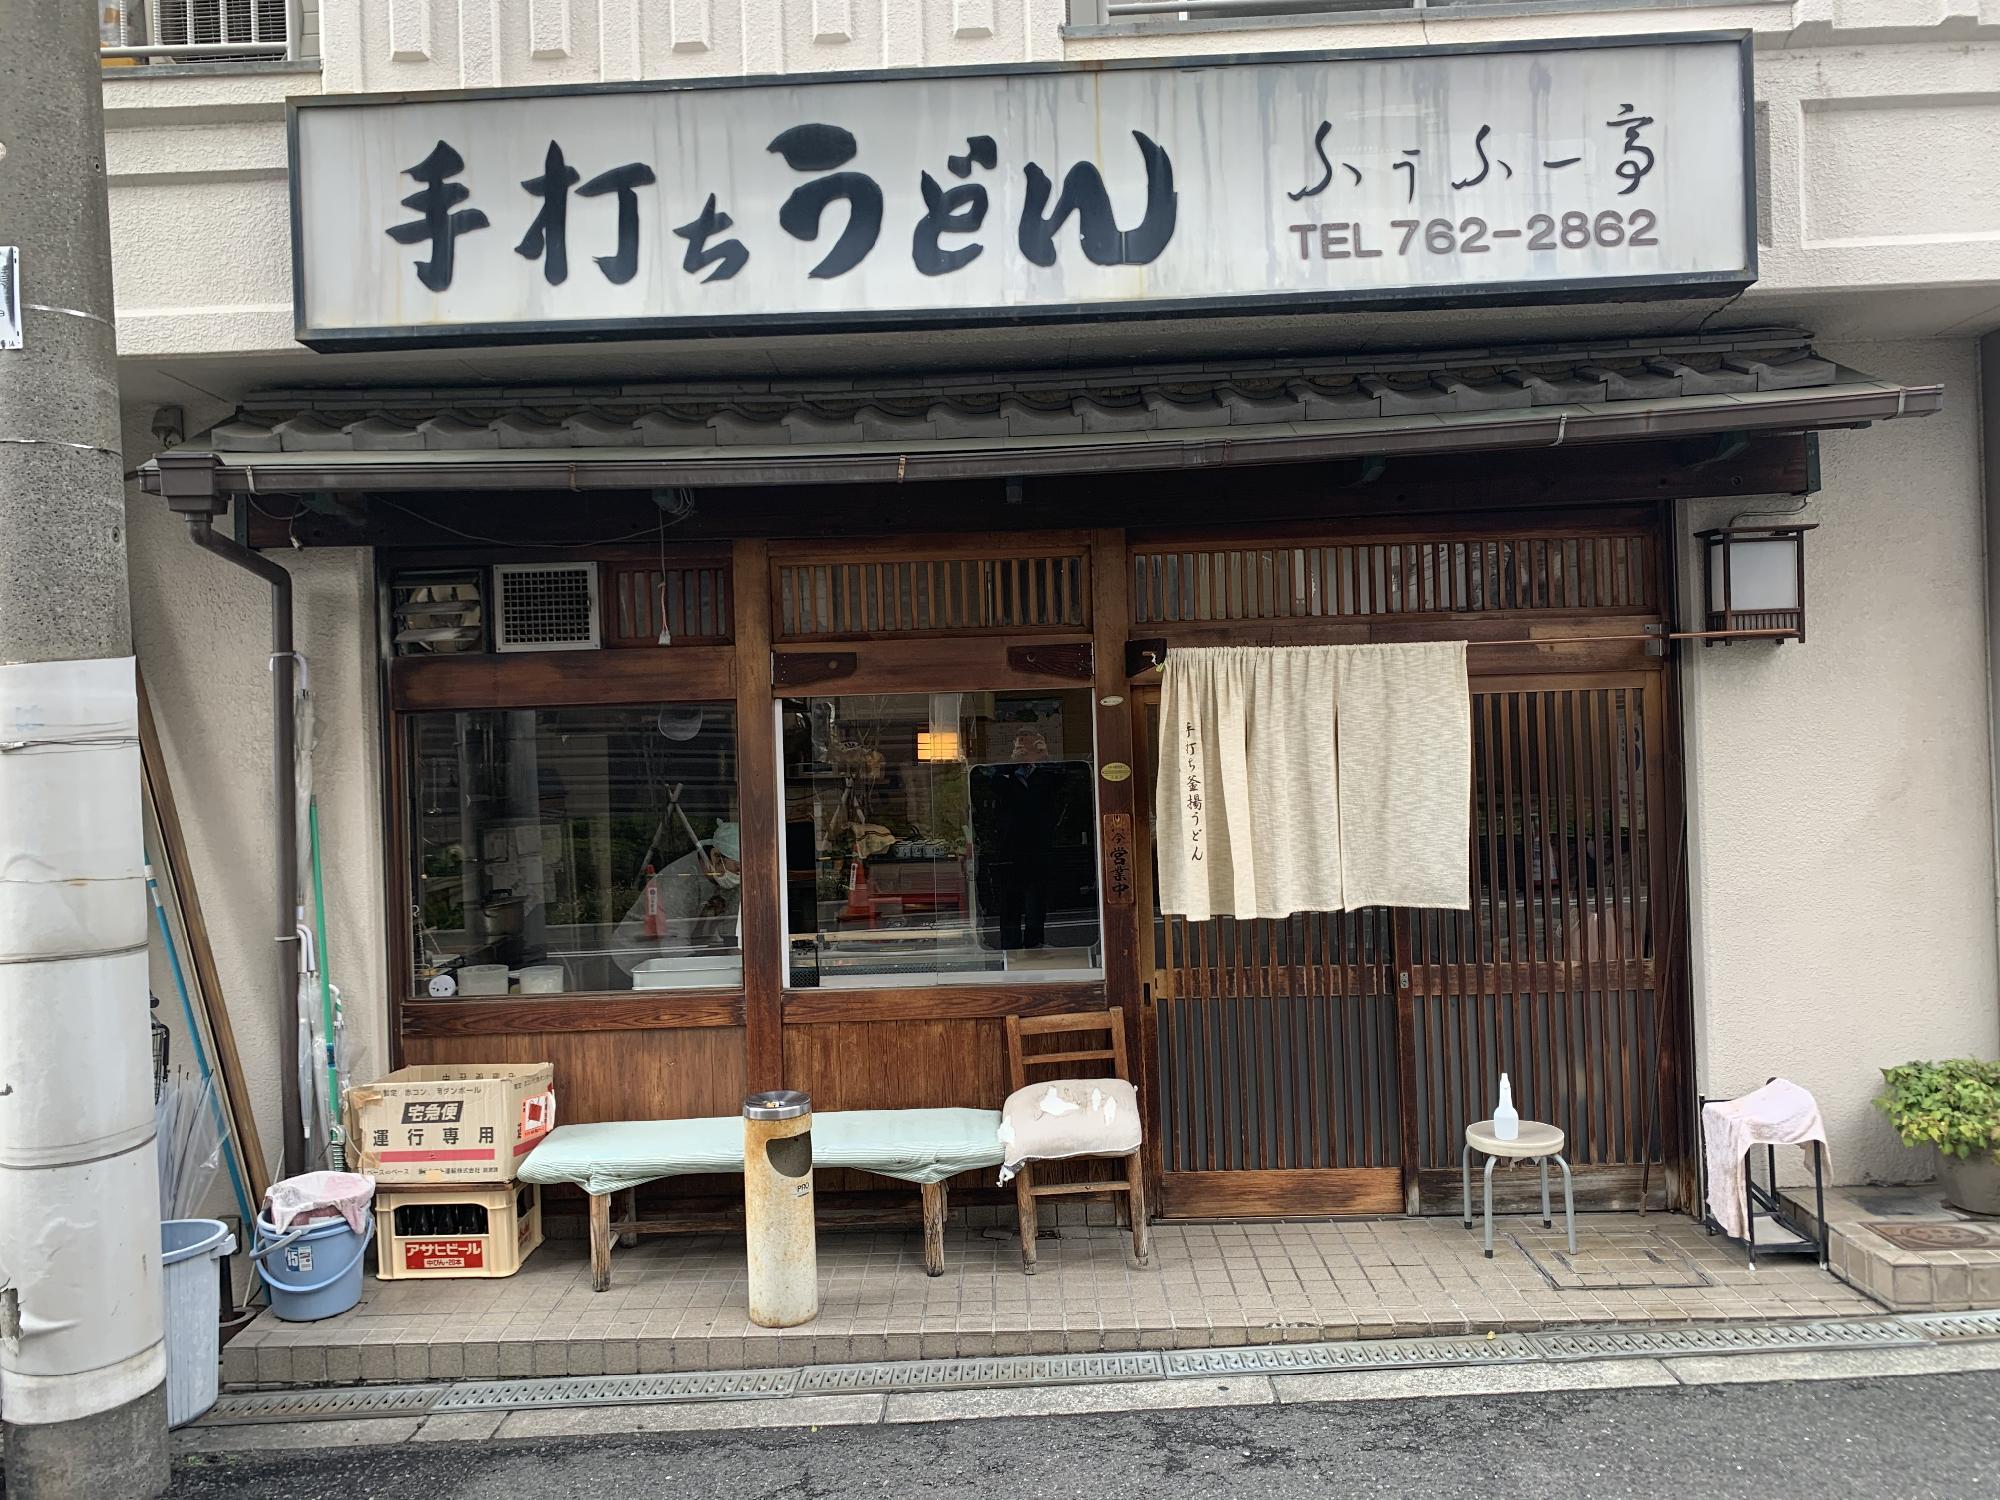 うどんの名店、上本町の「ふうふー亭」さん_画像